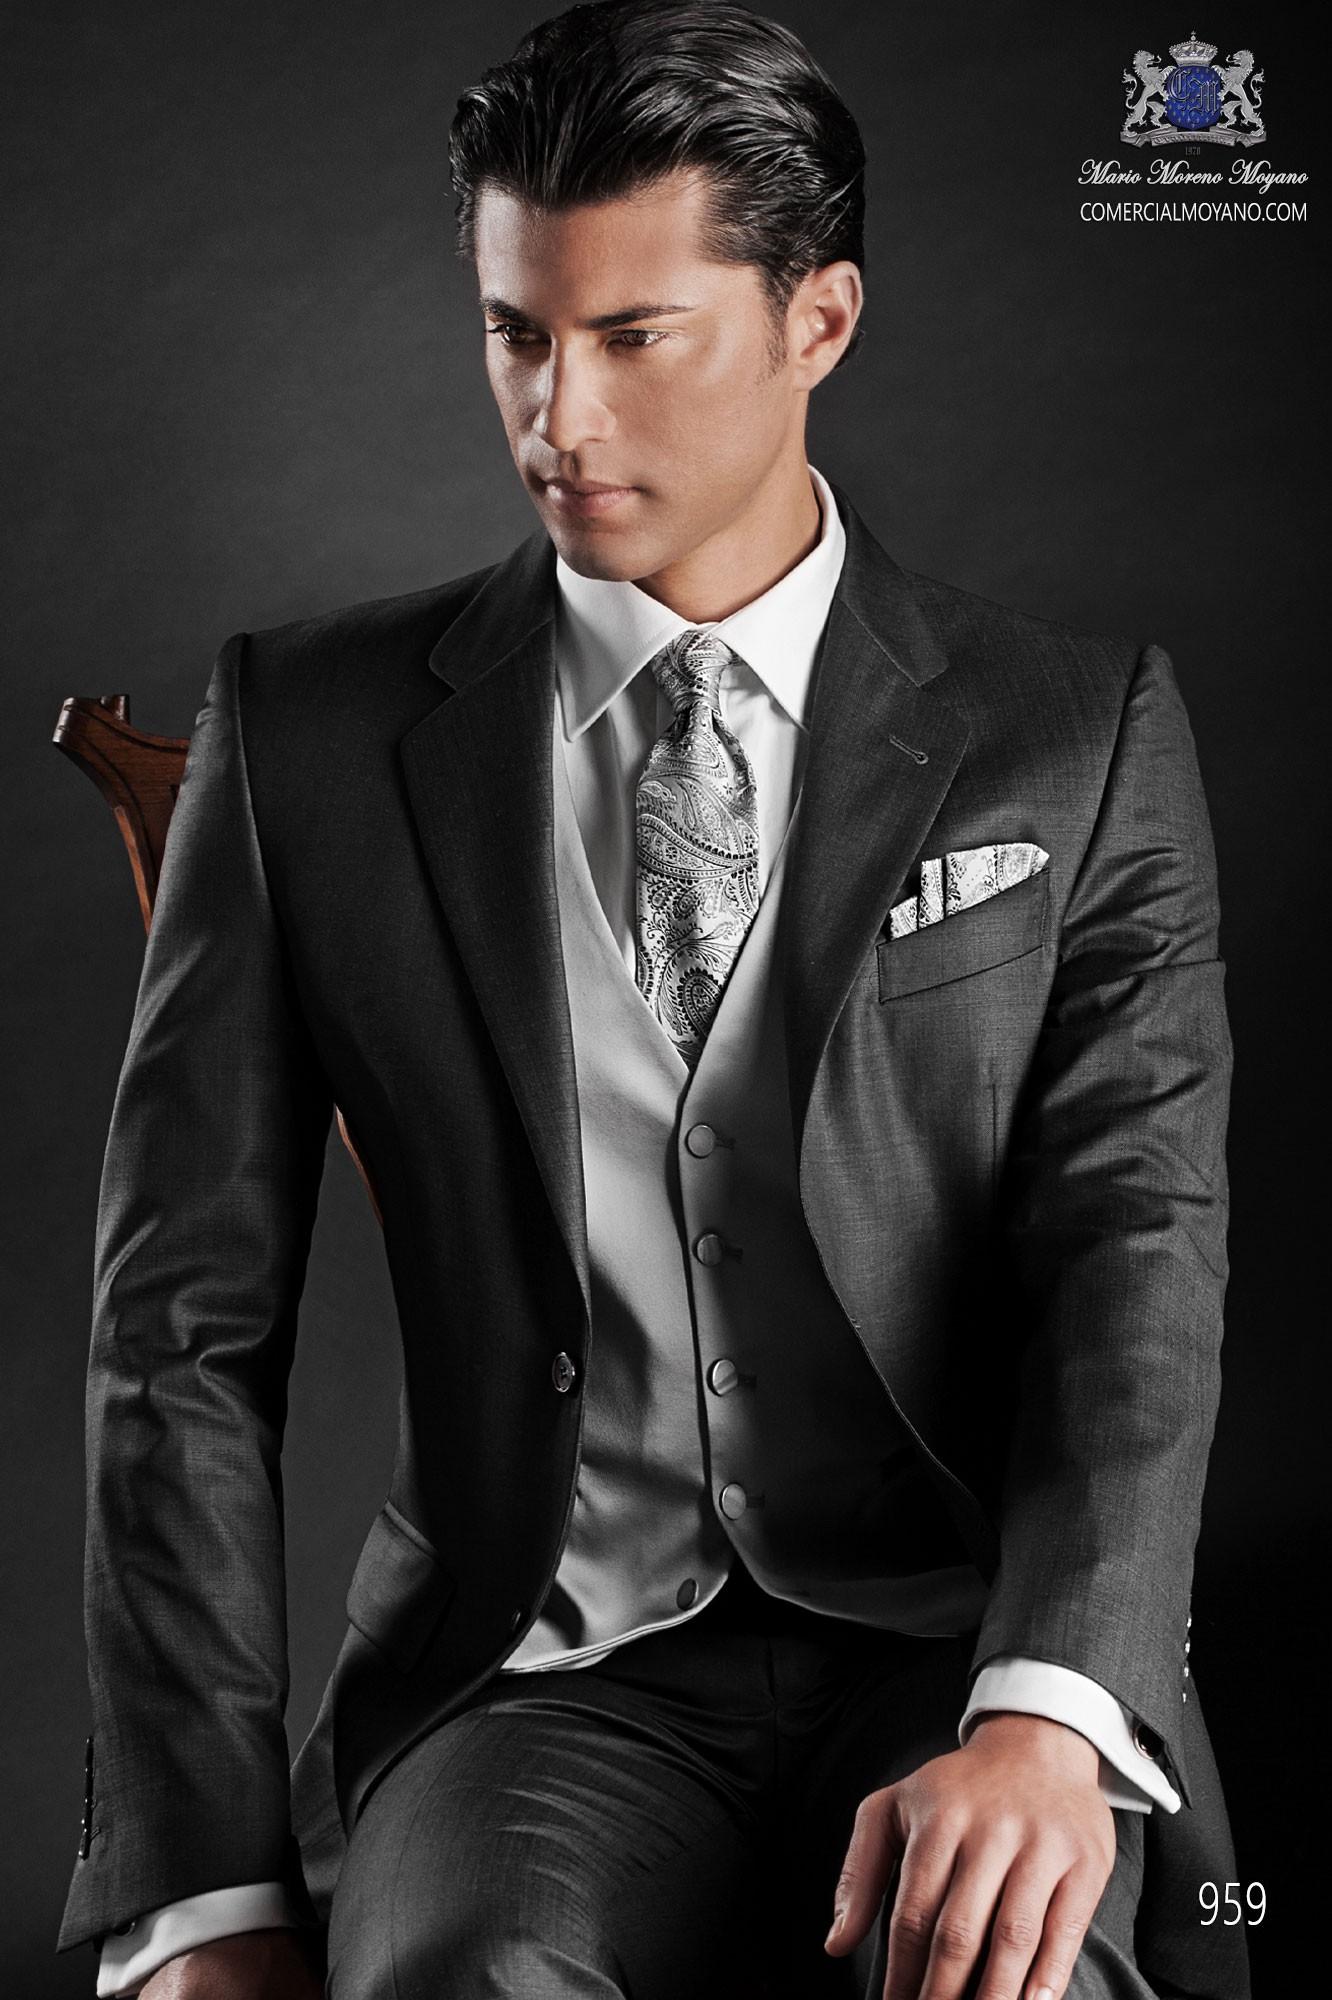 Traje de novio italiano gris modelo: 959 Ottavio Nuccio Gala colección Gentleman